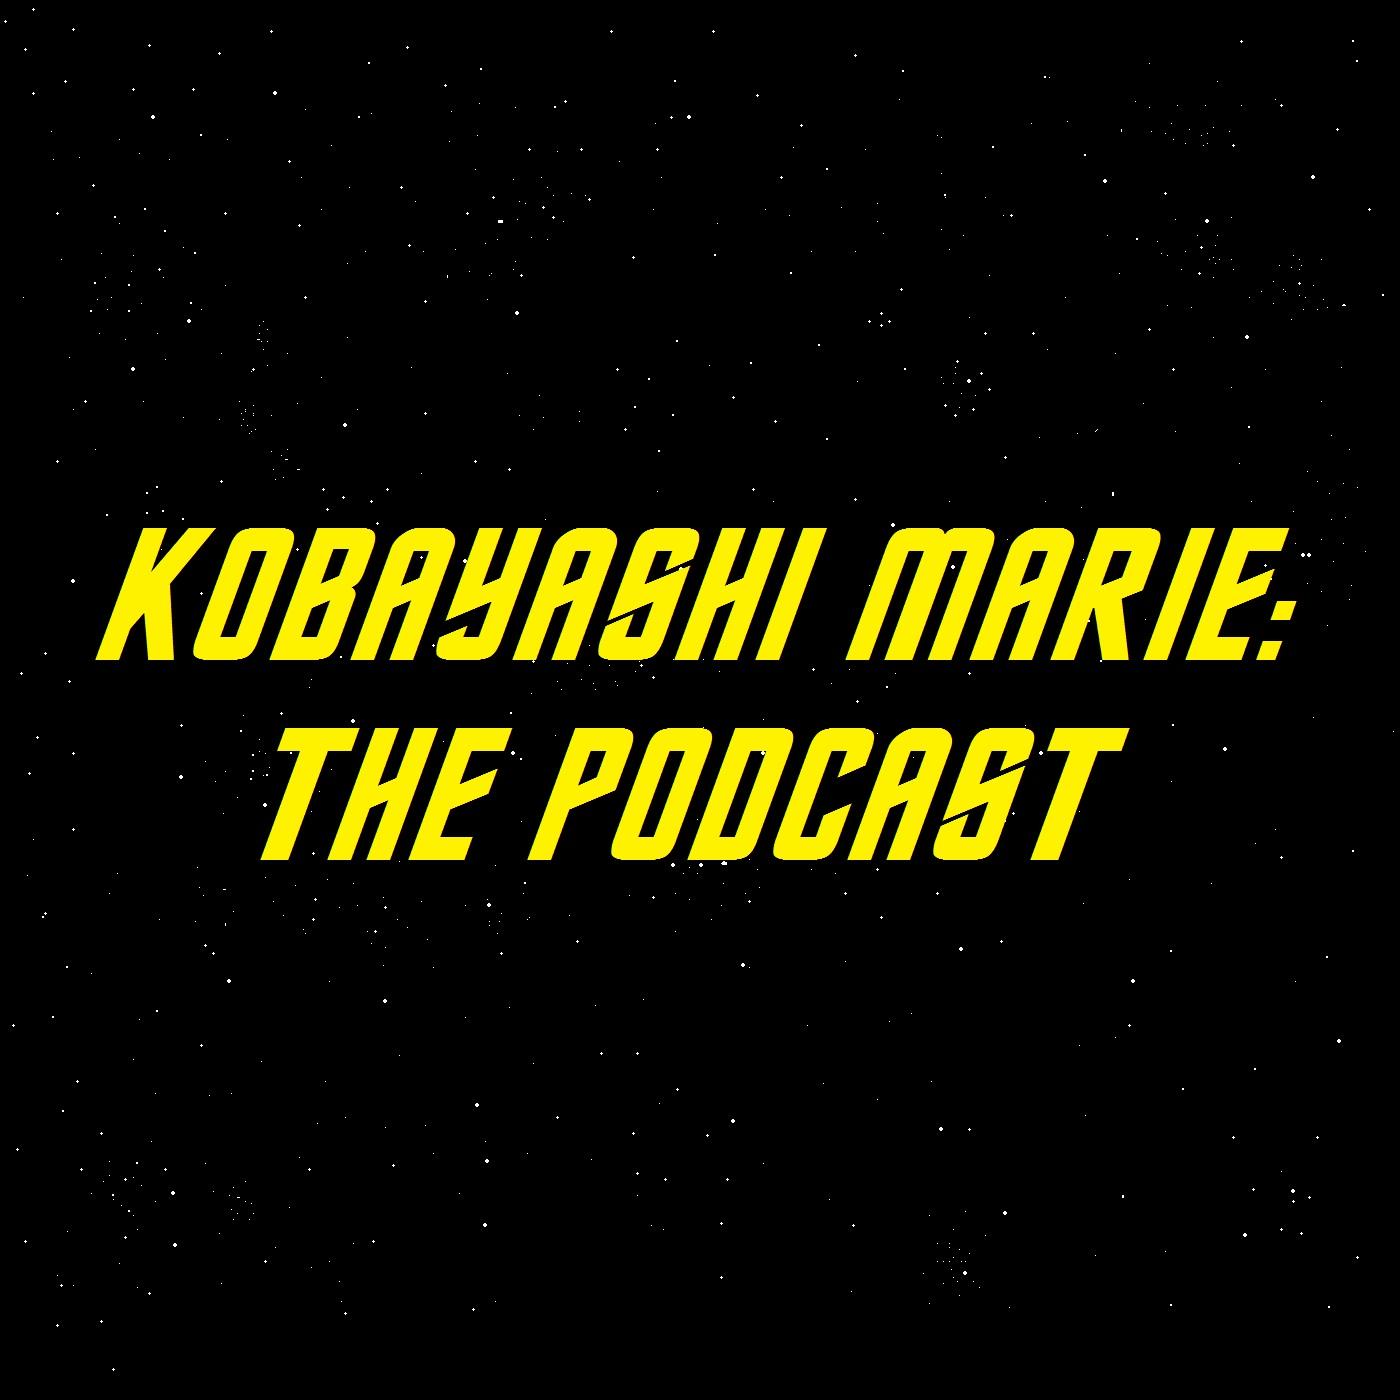 Kobayashi Marie The Podcast Logo